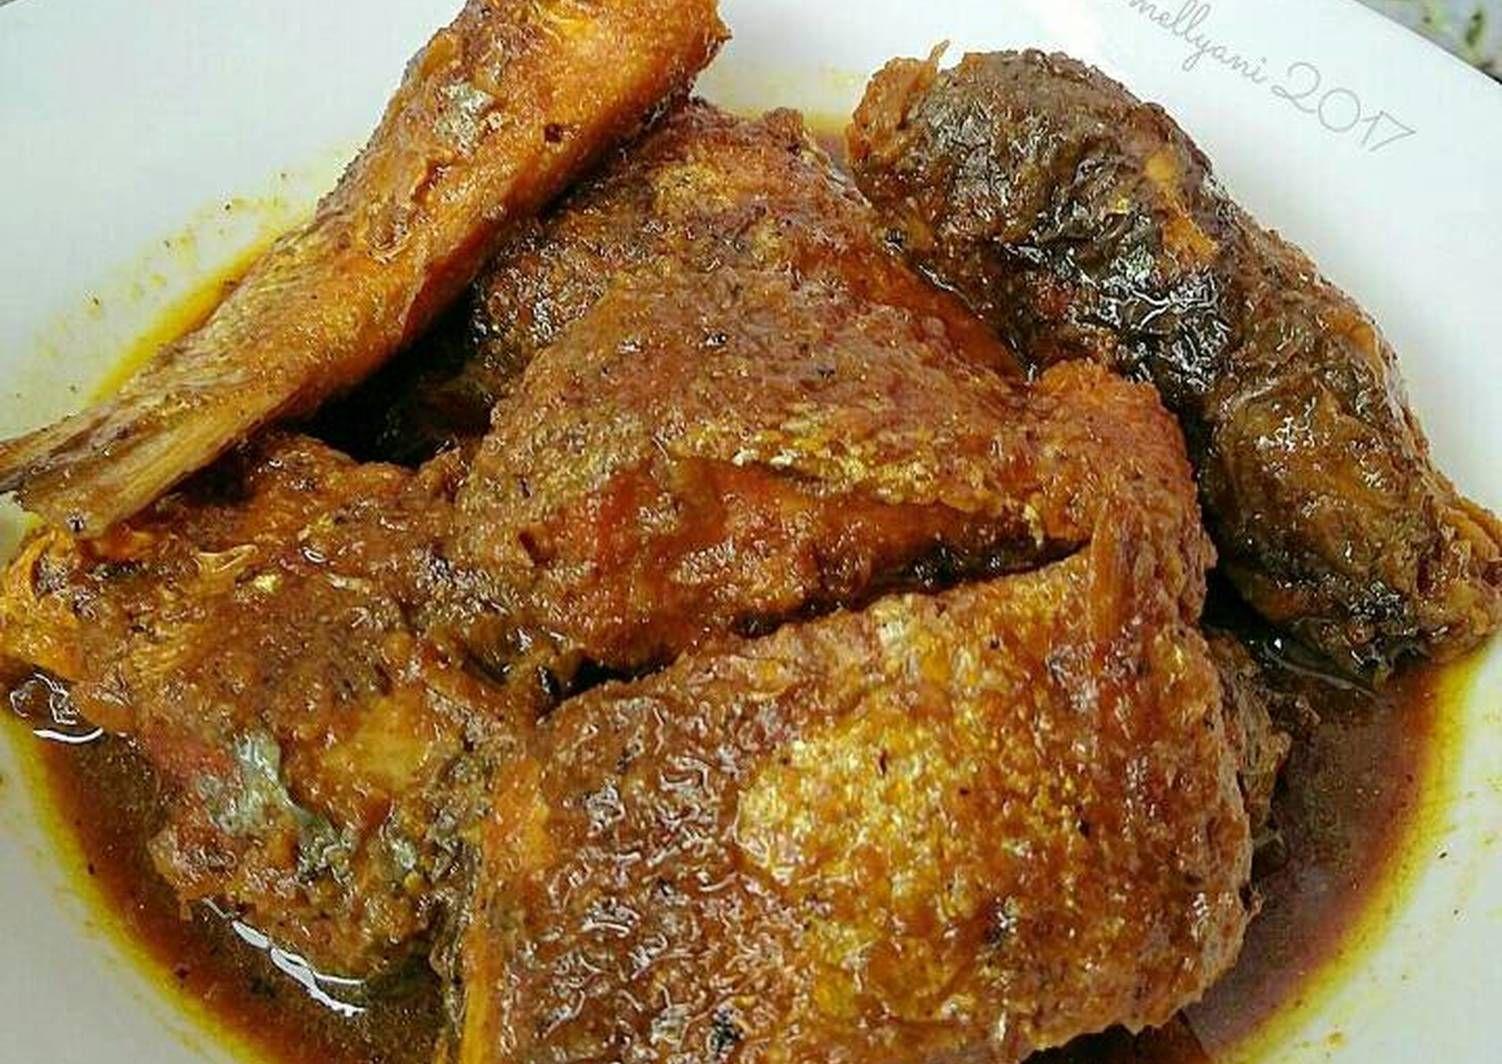 Resep Semur Ikan Bandeng Oleh Susan Mellyani Resep Resep Ikan Resep Makanan Resep Makanan Sehat